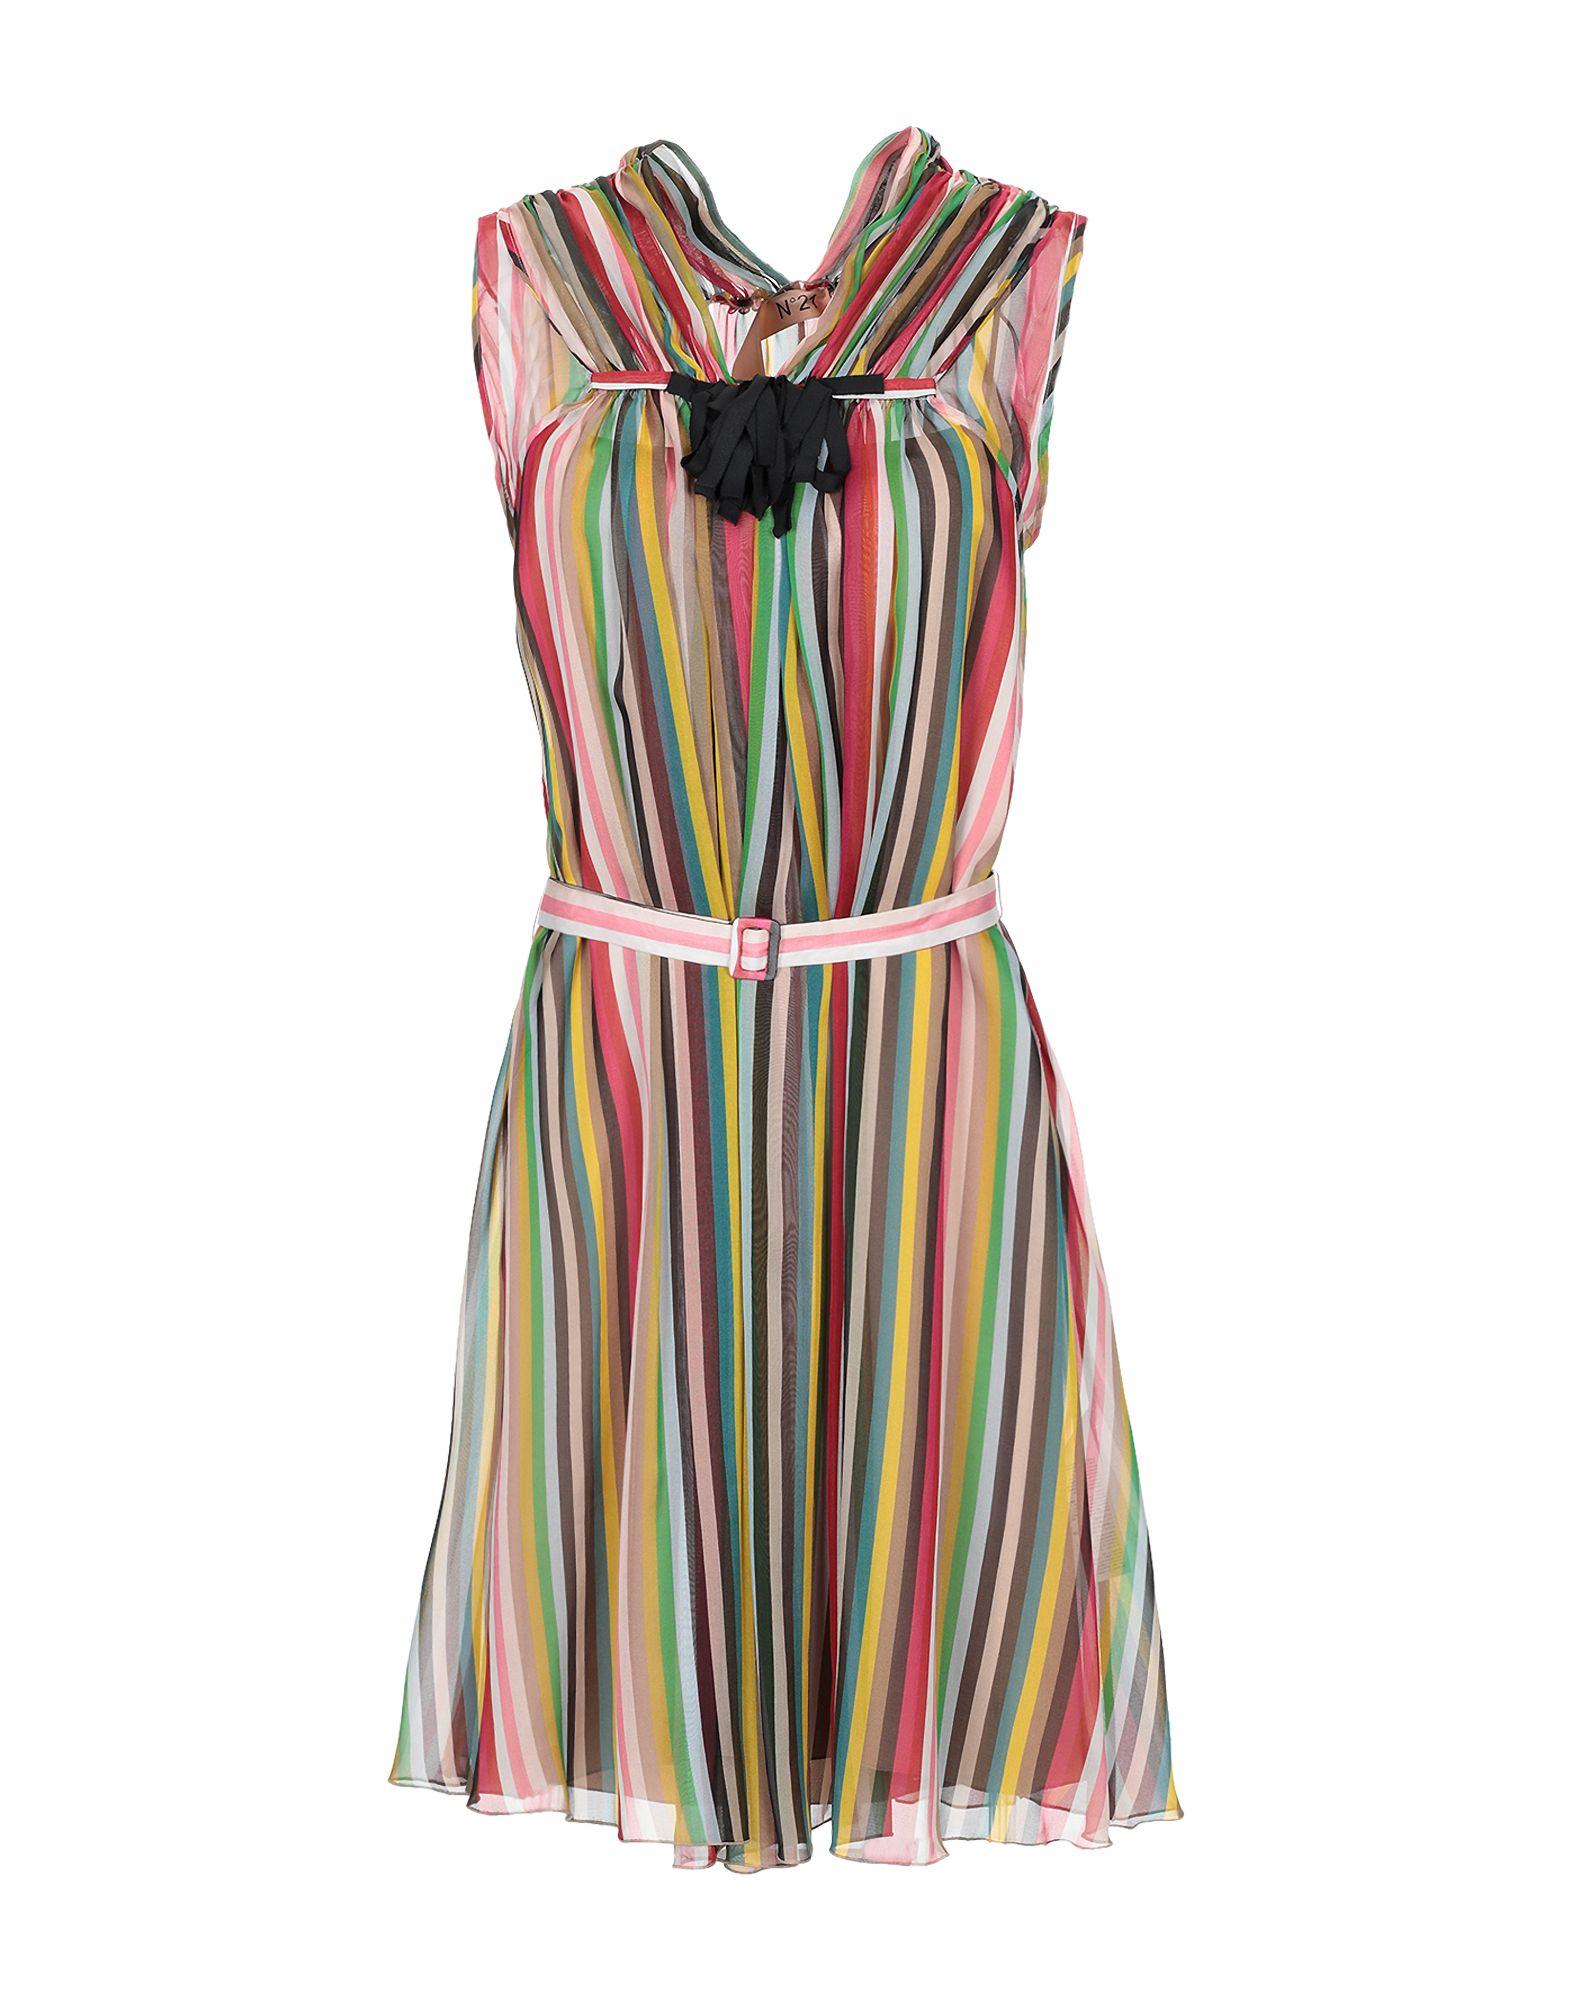 Фото - N°21 Платье до колена n° 21 платье до колена